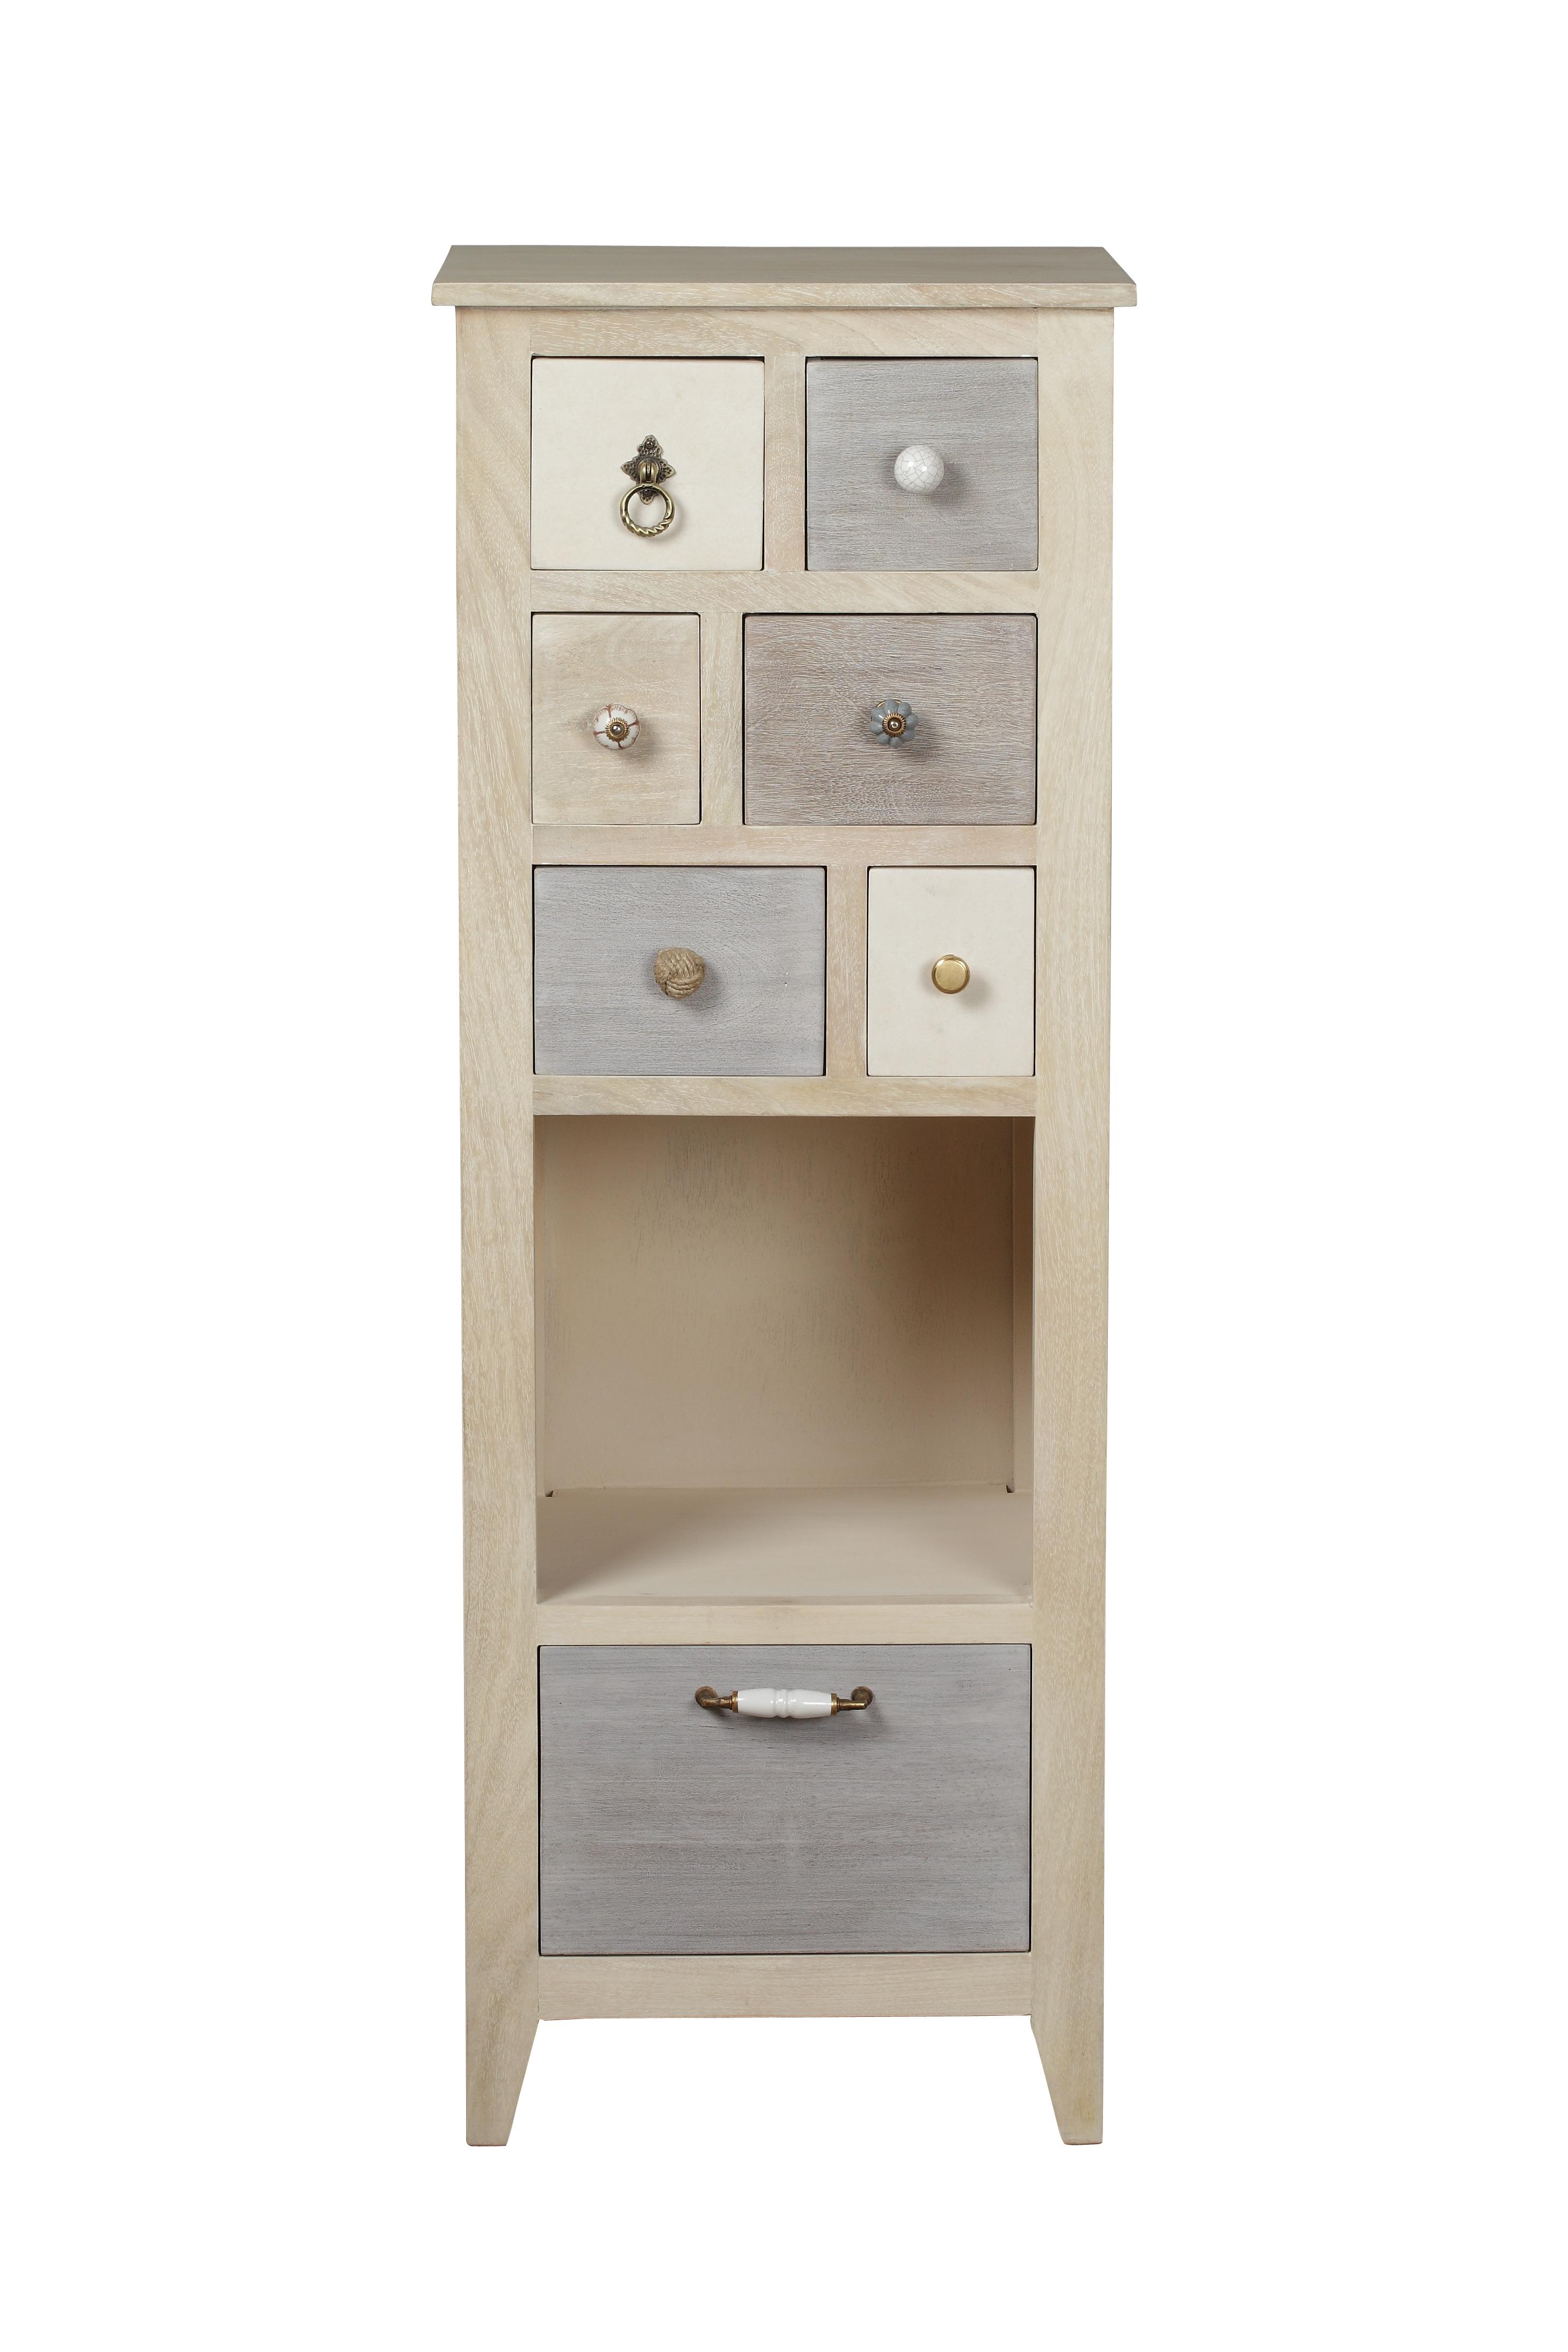 poze cu Cabinet Natural, L43xl40xh117,5 cm